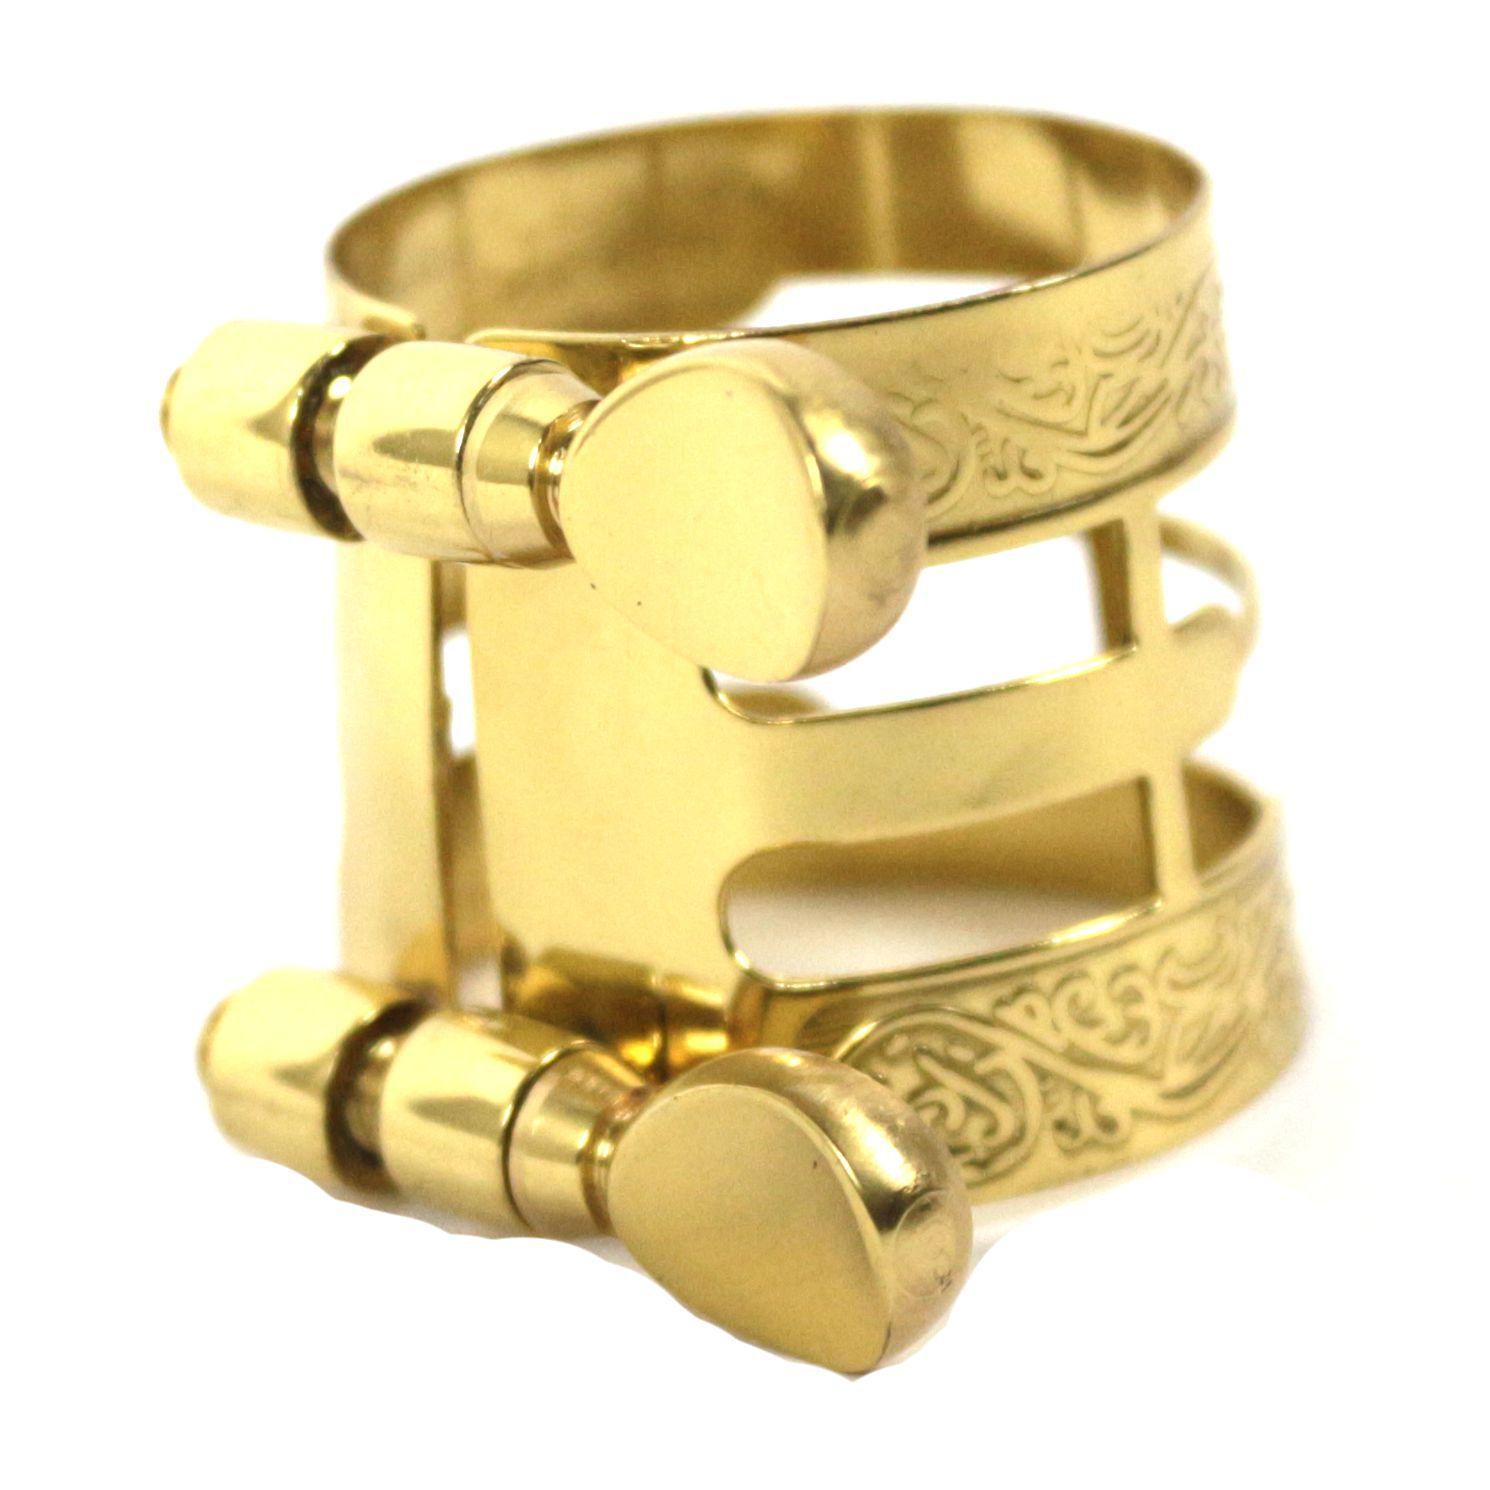 Abraçadeira para SAX ALTO Dourada Esculpida - Dinhos